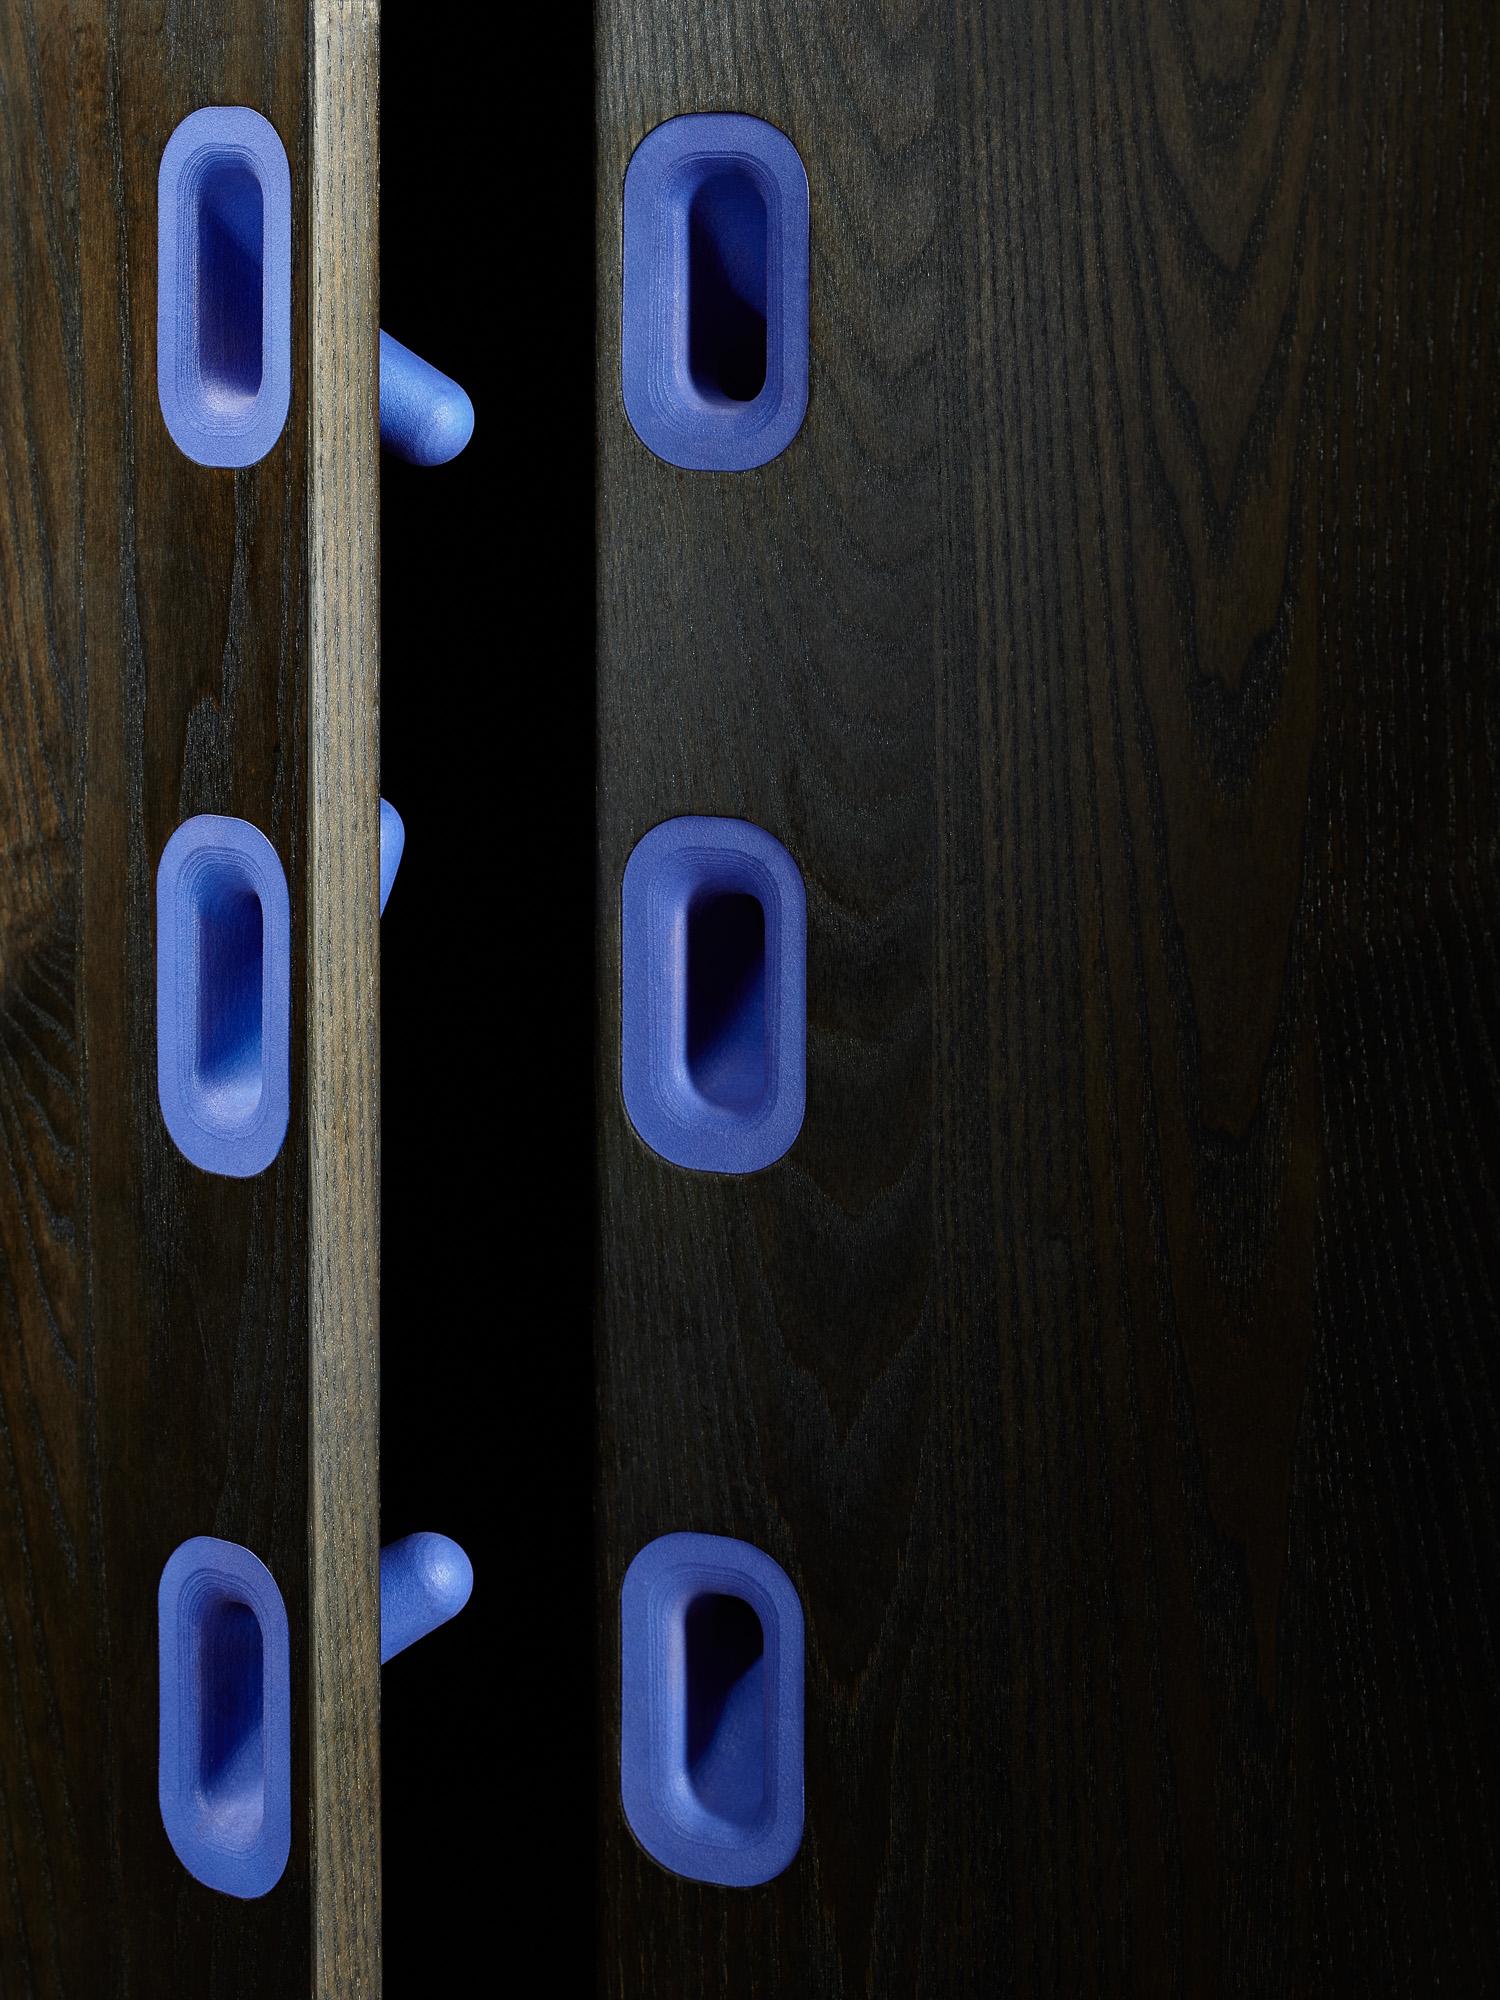 Void pull handles by daast 001